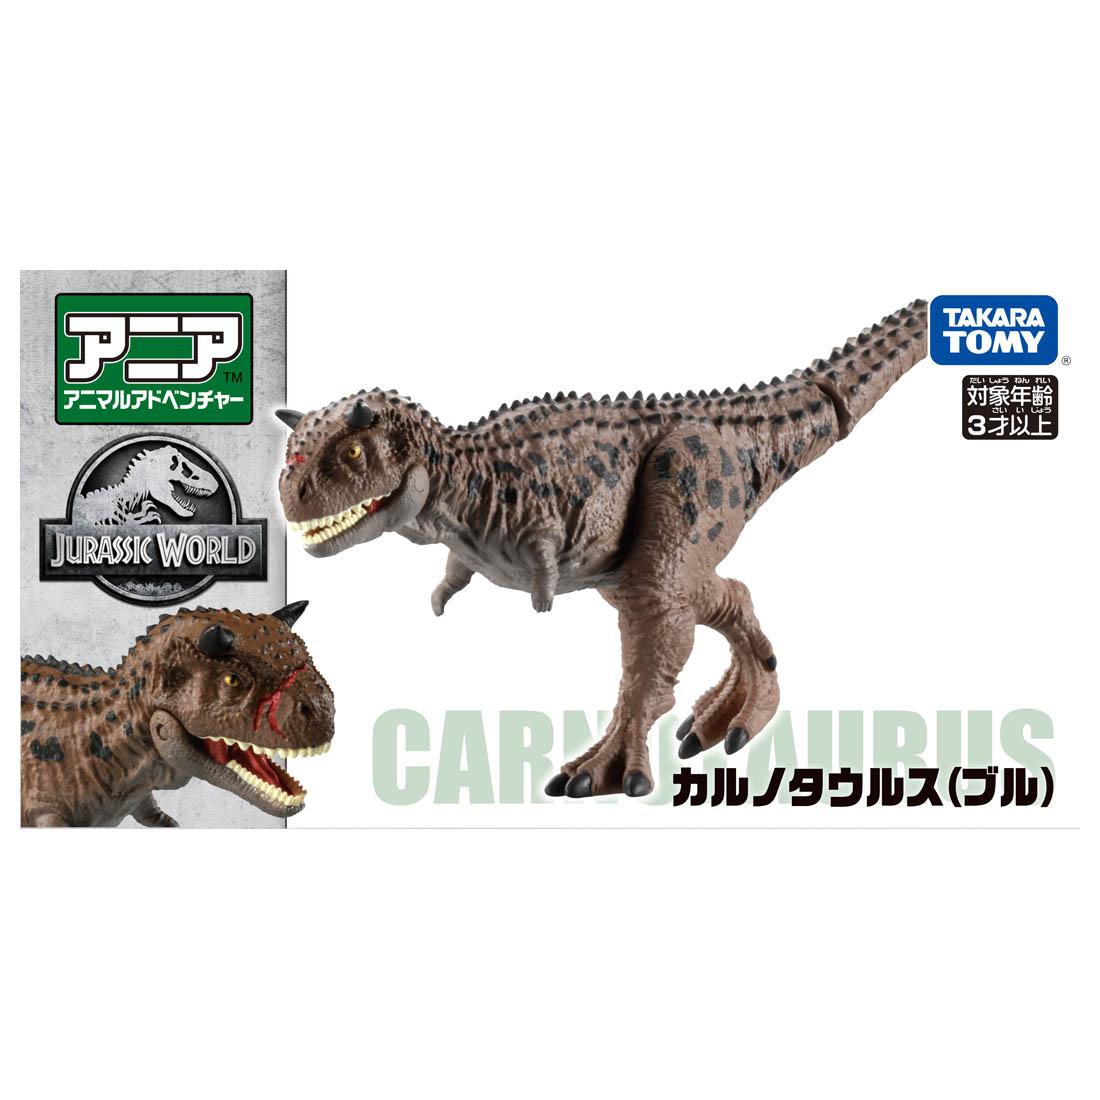 TOMY 動物模型 侏儸紀世界 - 食肉牛龍